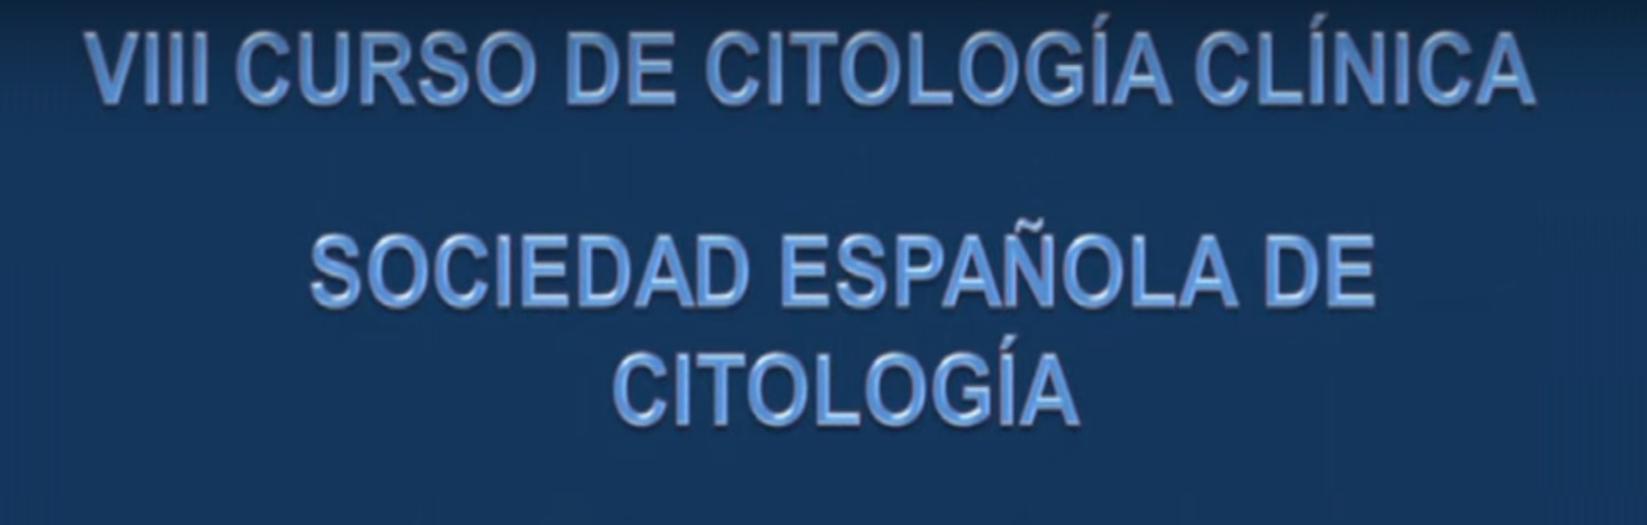 Citologia Clínica -VIII Curso de – Sociedad Española de Citología Parte 1